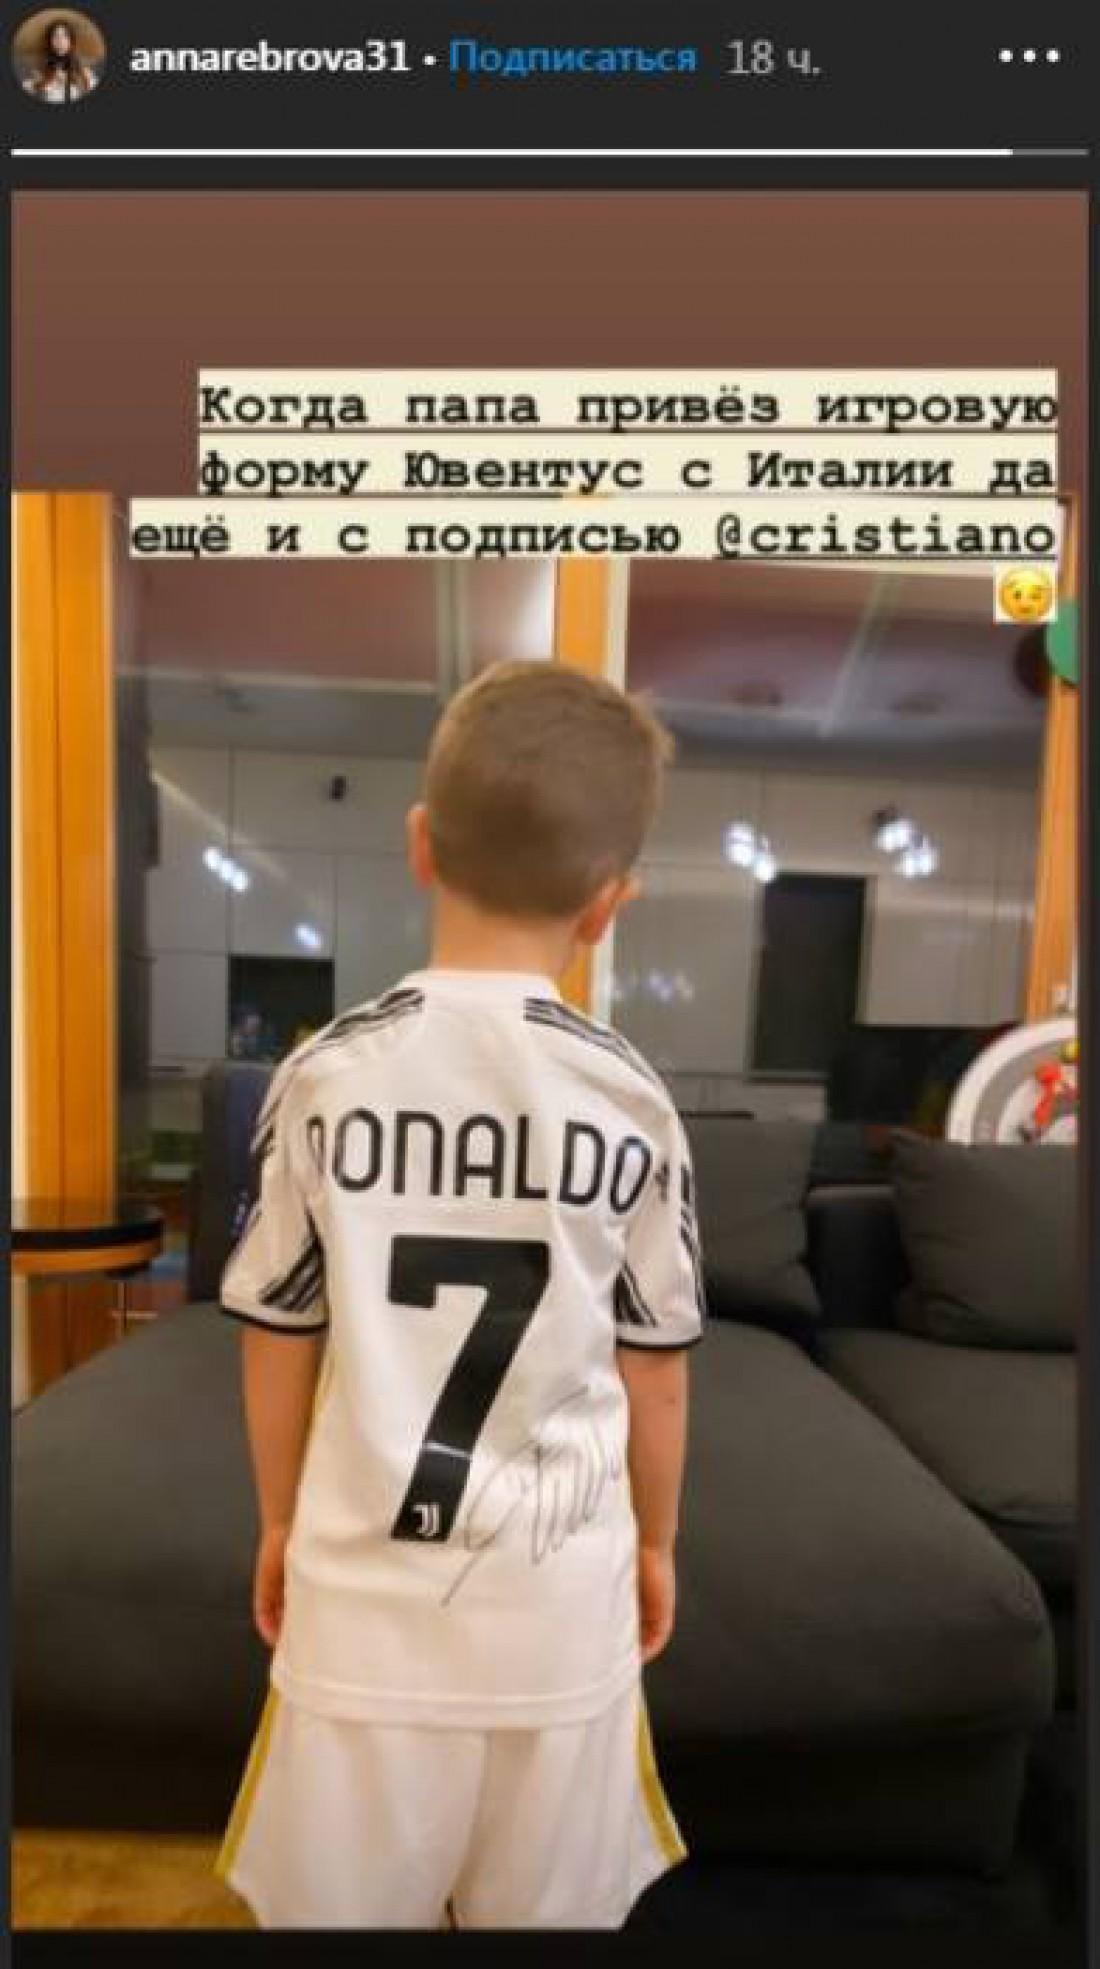 Сын Реброва в футболке Роналду